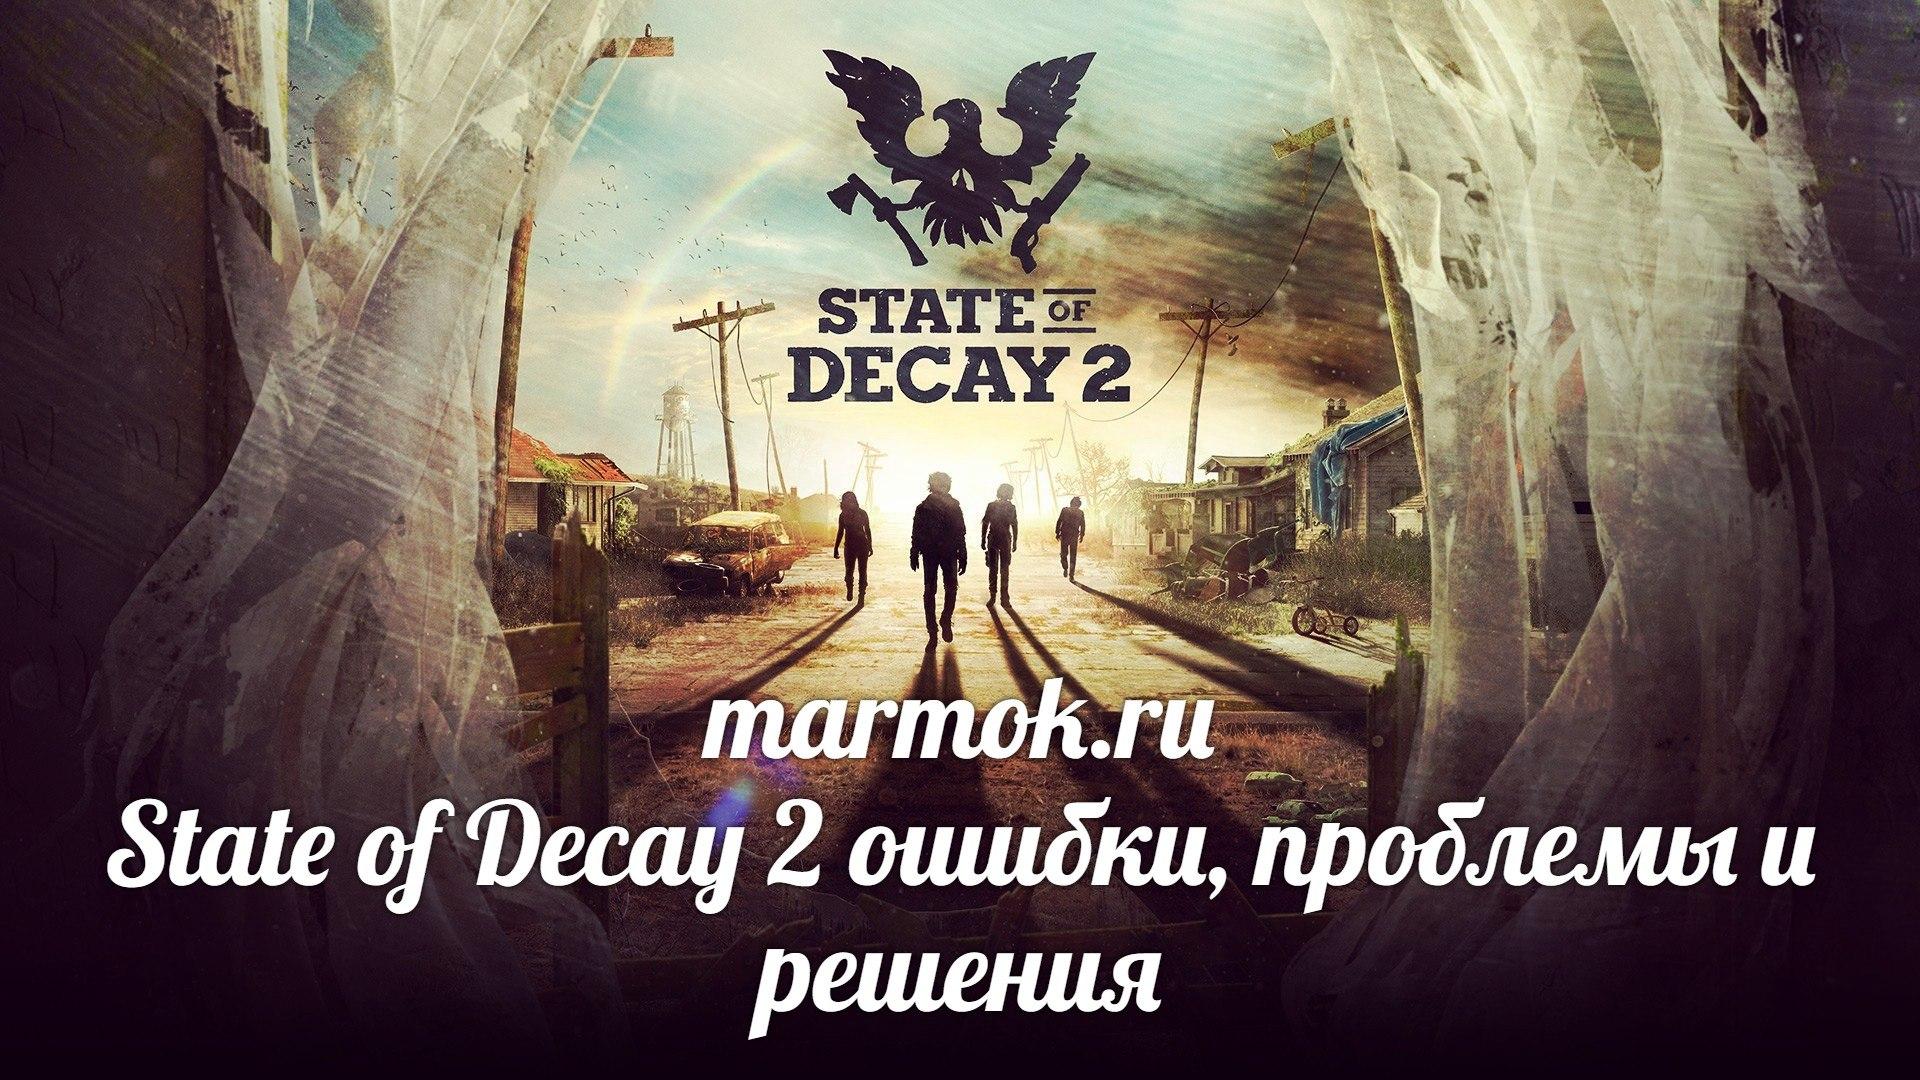 State of Decay 2 ошибки, проблемы и решения